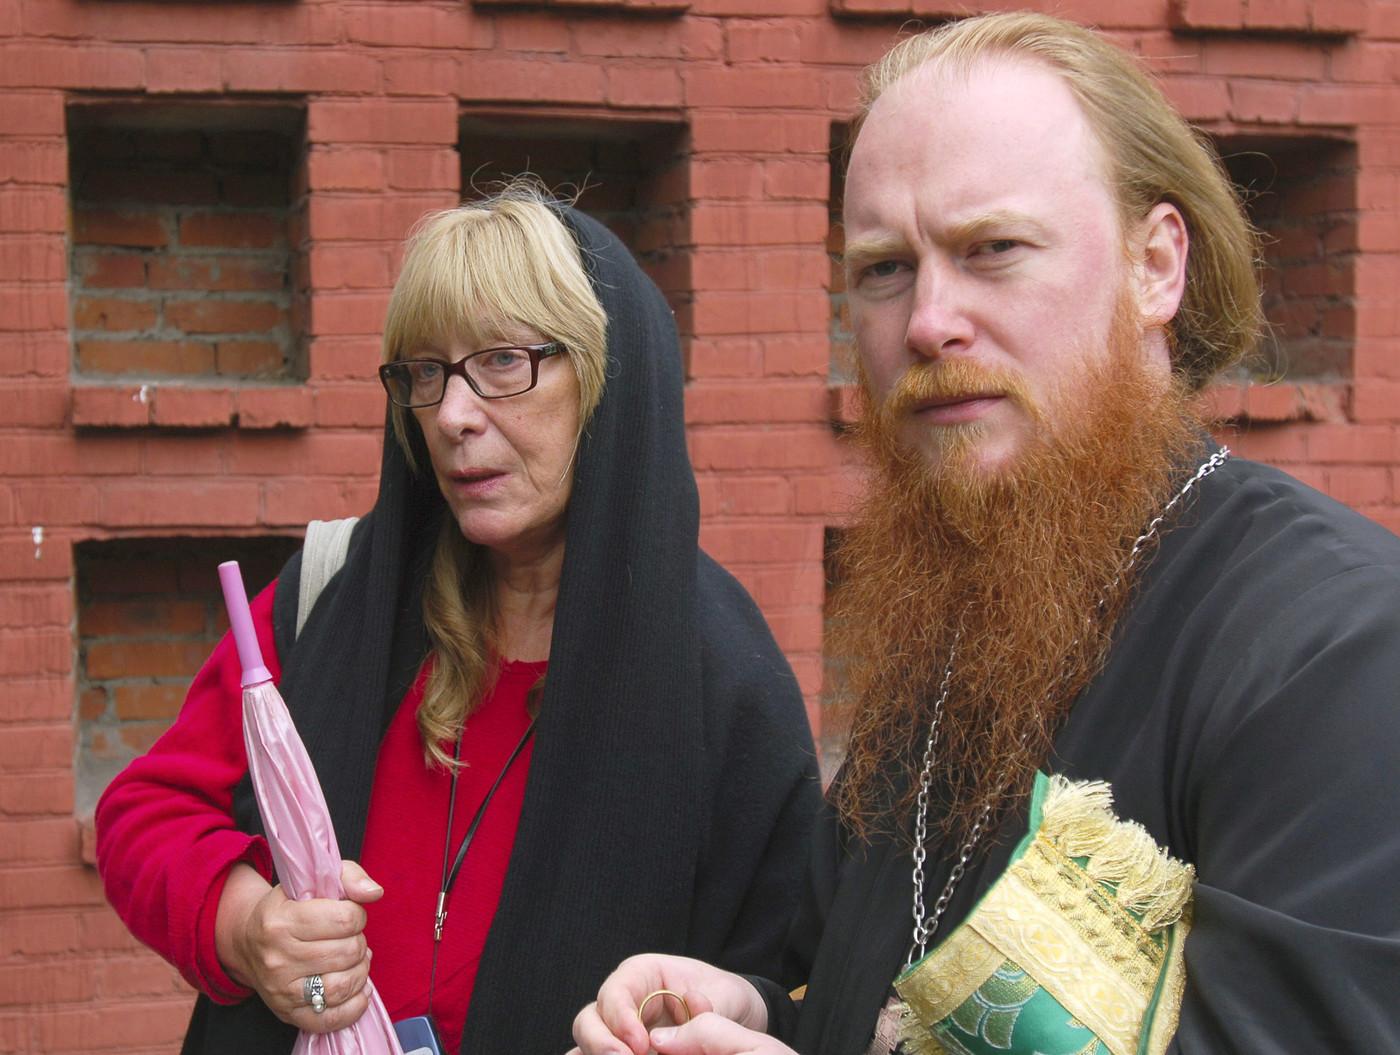 екатерина васильева и сын дмитрий рощин